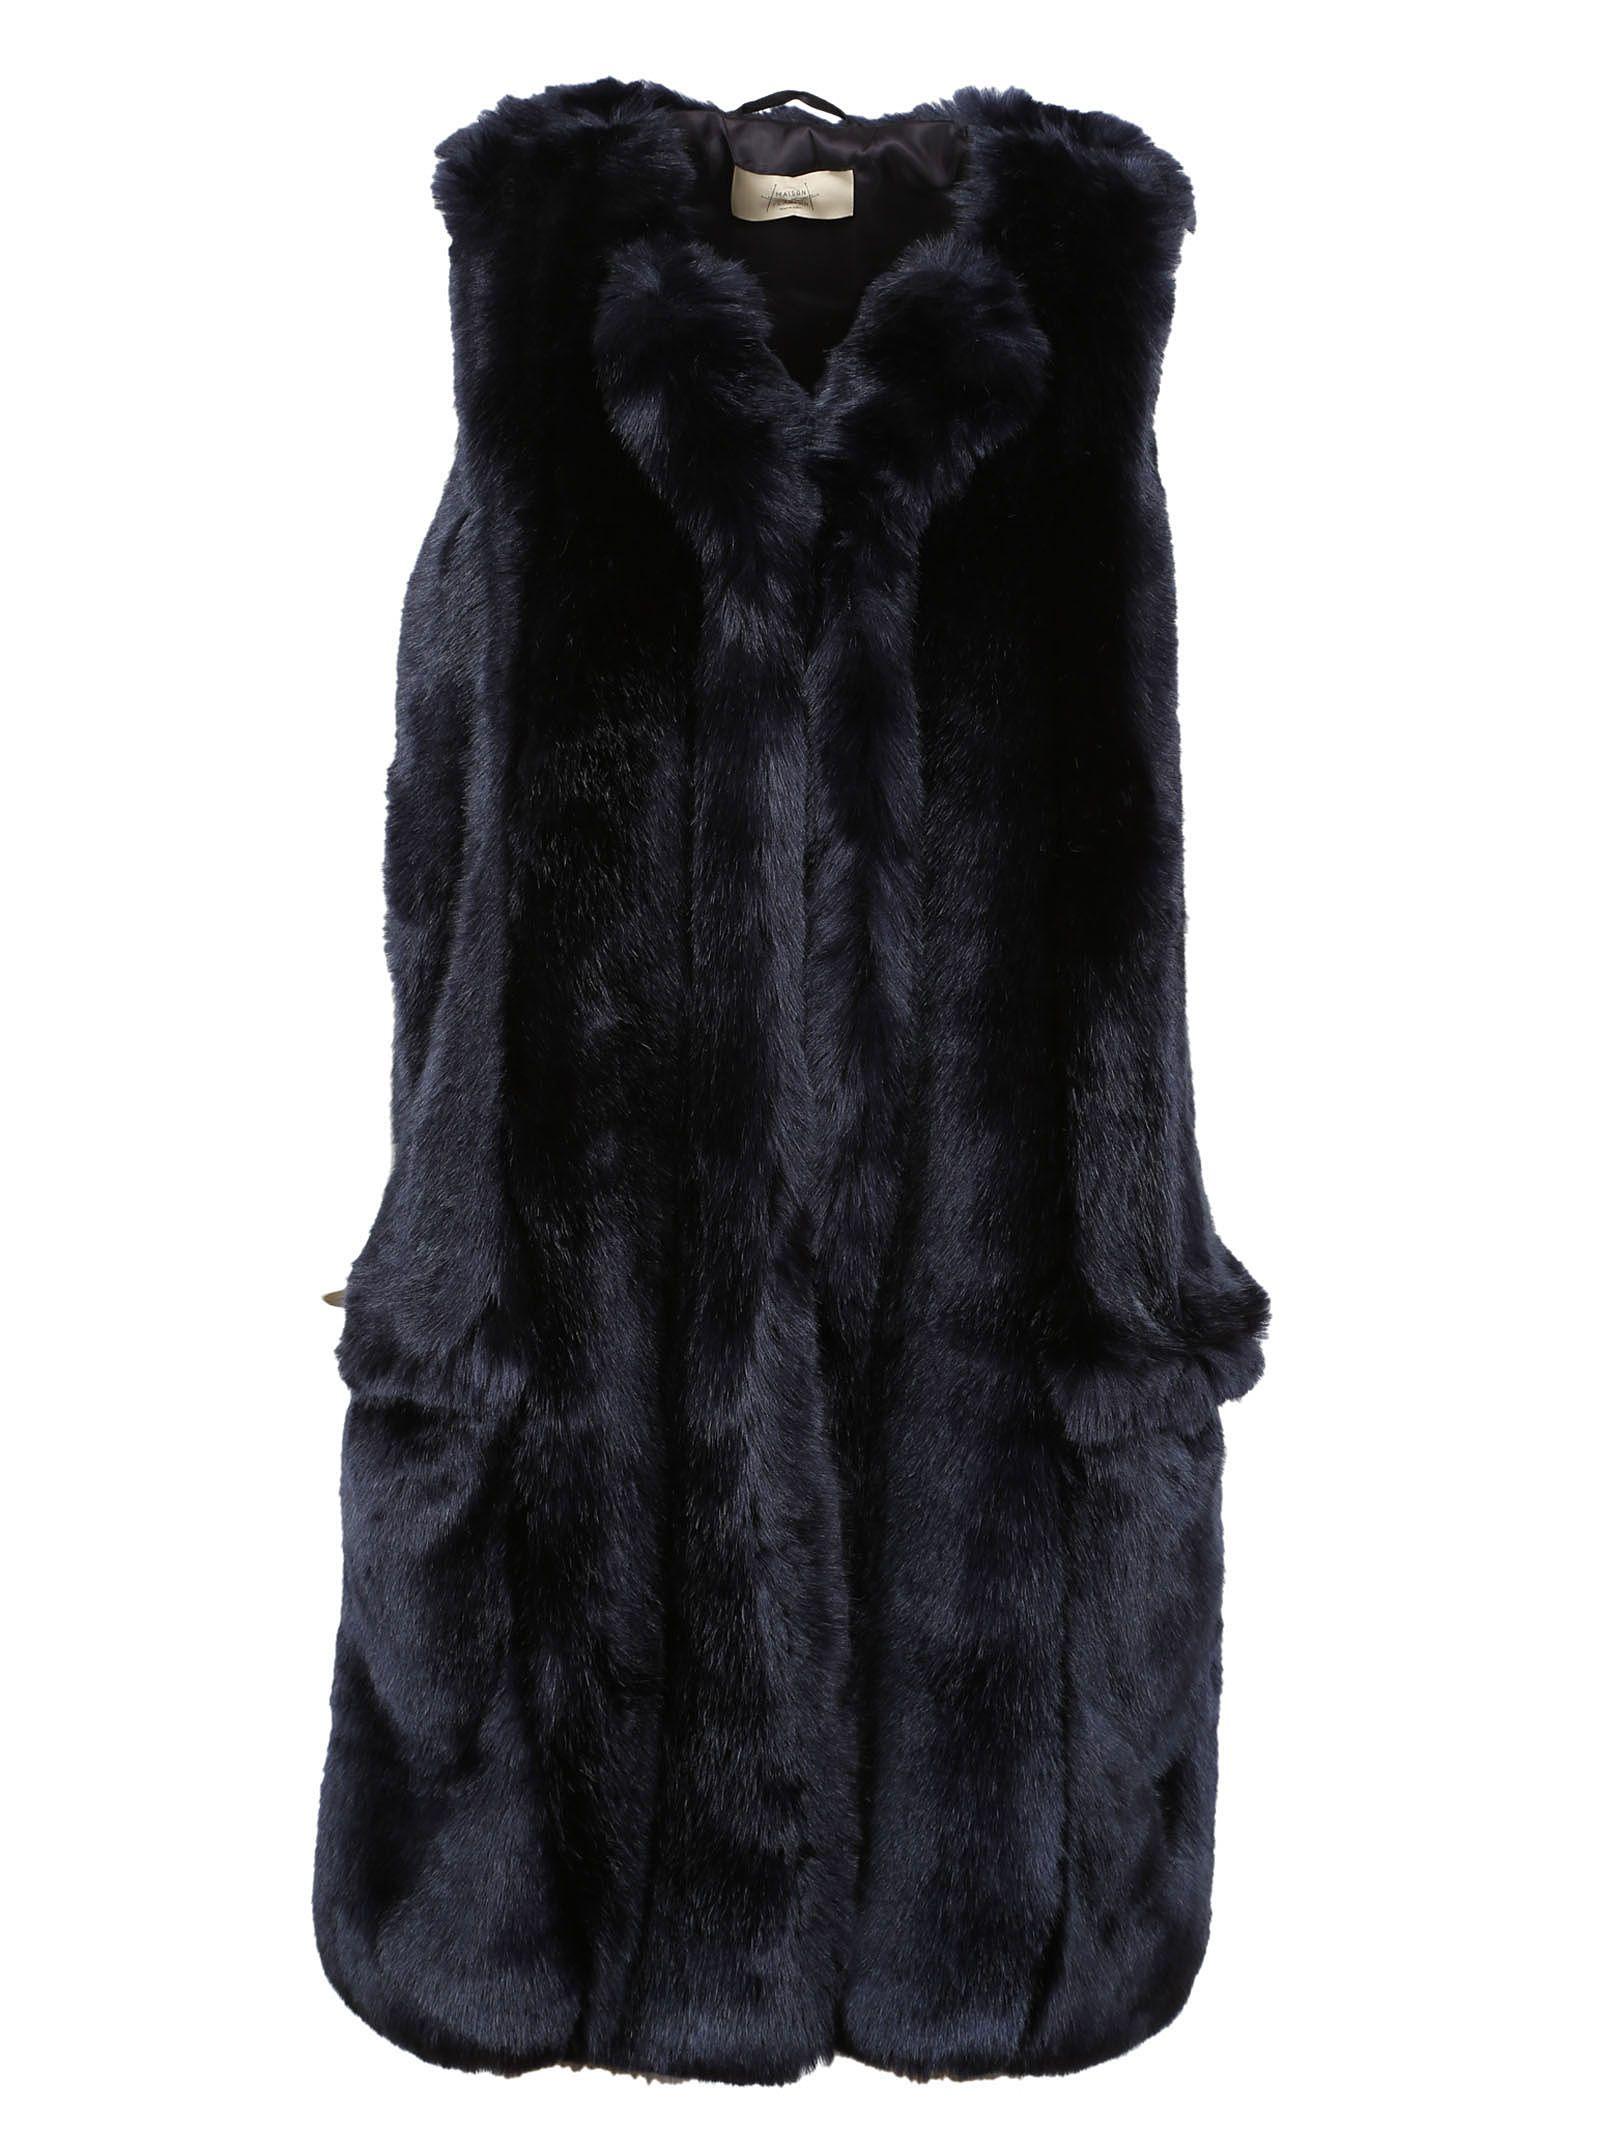 Dark Blue Faux Fur Vest - Maison Flaneur - Circus